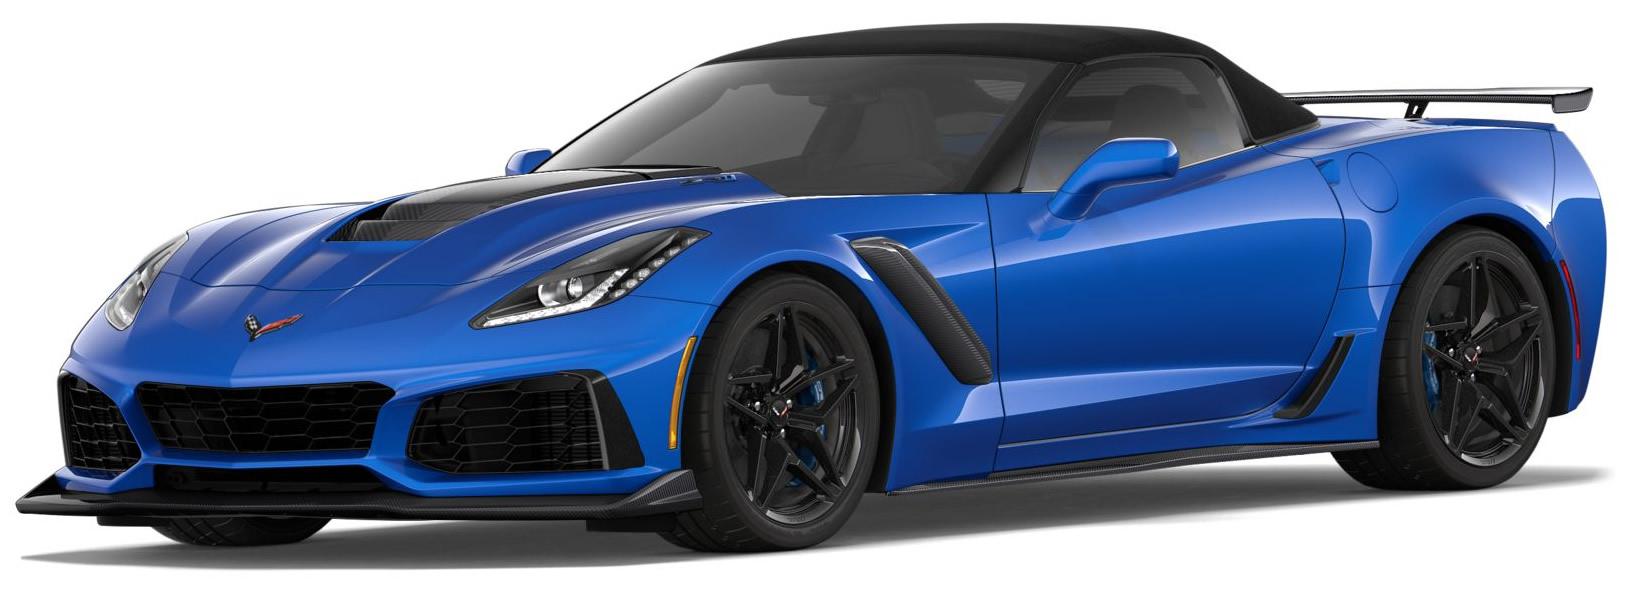 2019 Corvette Zr1 Convertible 1g1y53d9xk5802195 C7